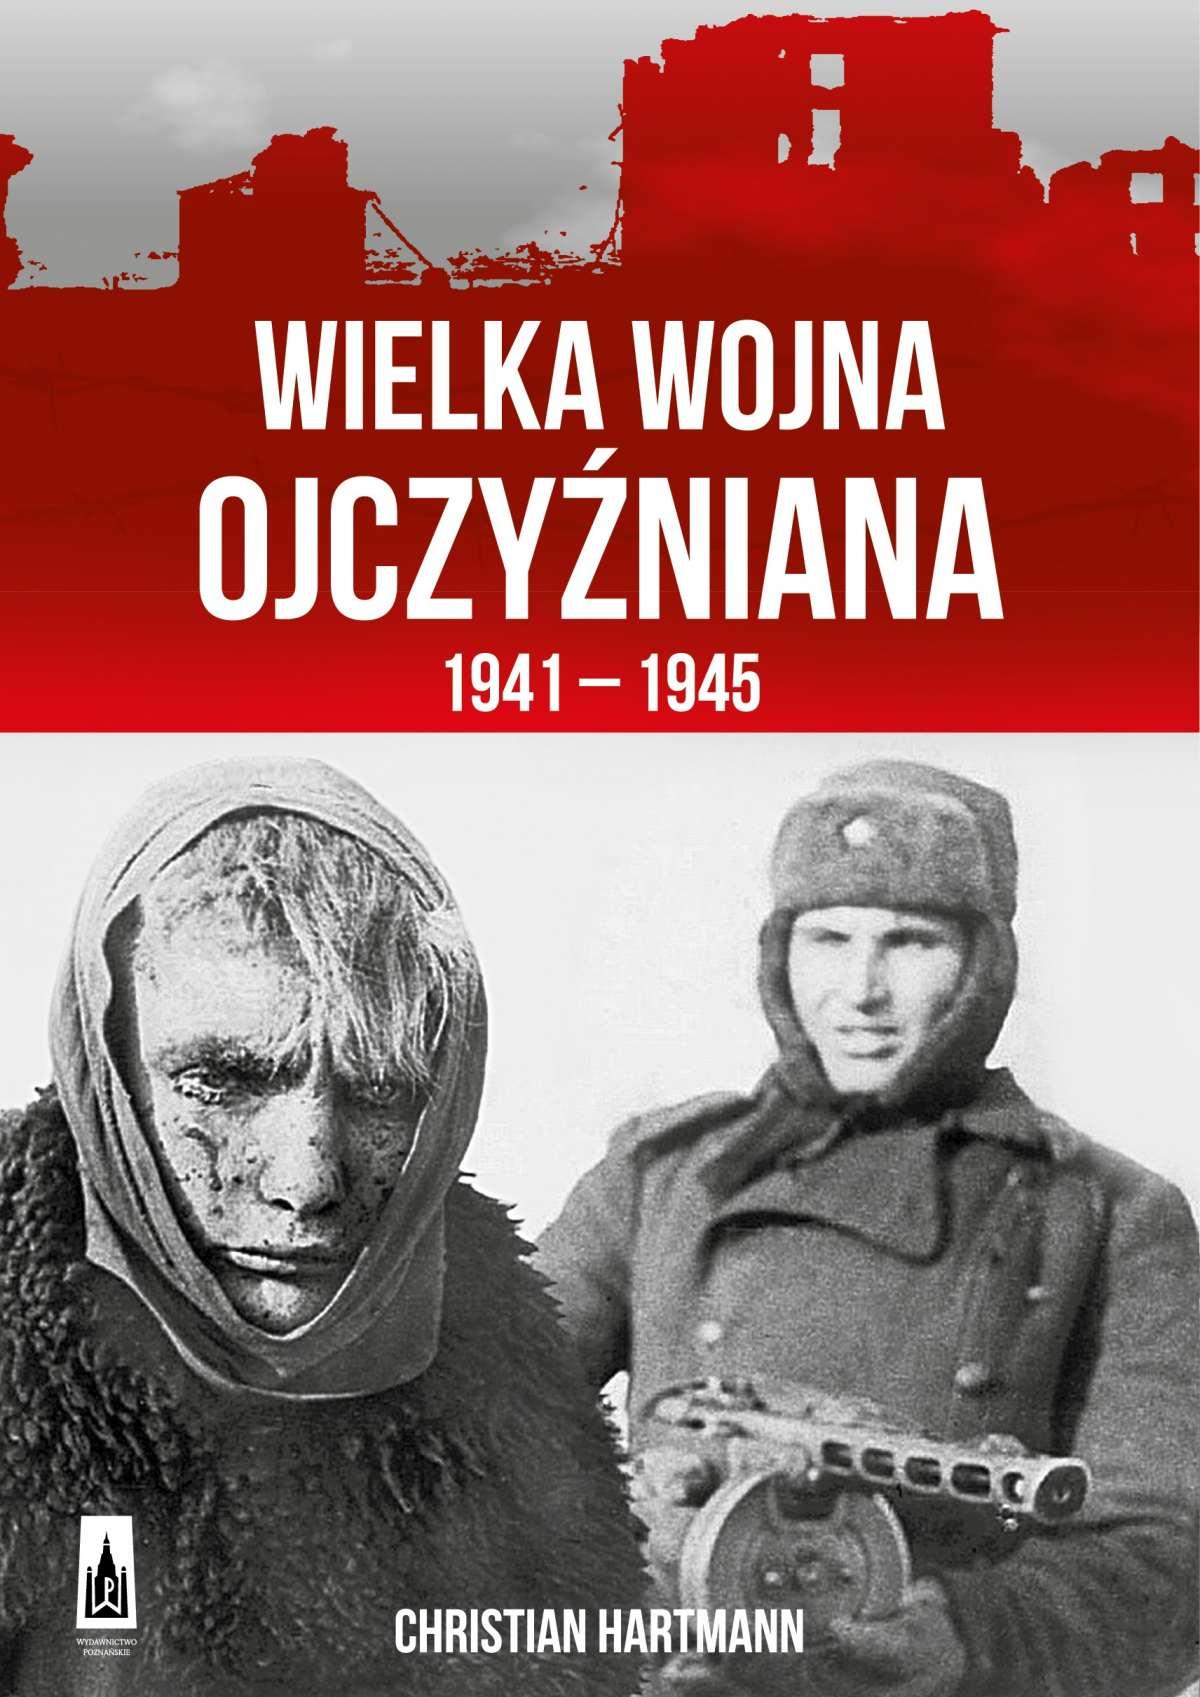 Wielka Wojna Ojczyźniana 1941-1945 - Ebook (Książka EPUB) do pobrania w formacie EPUB